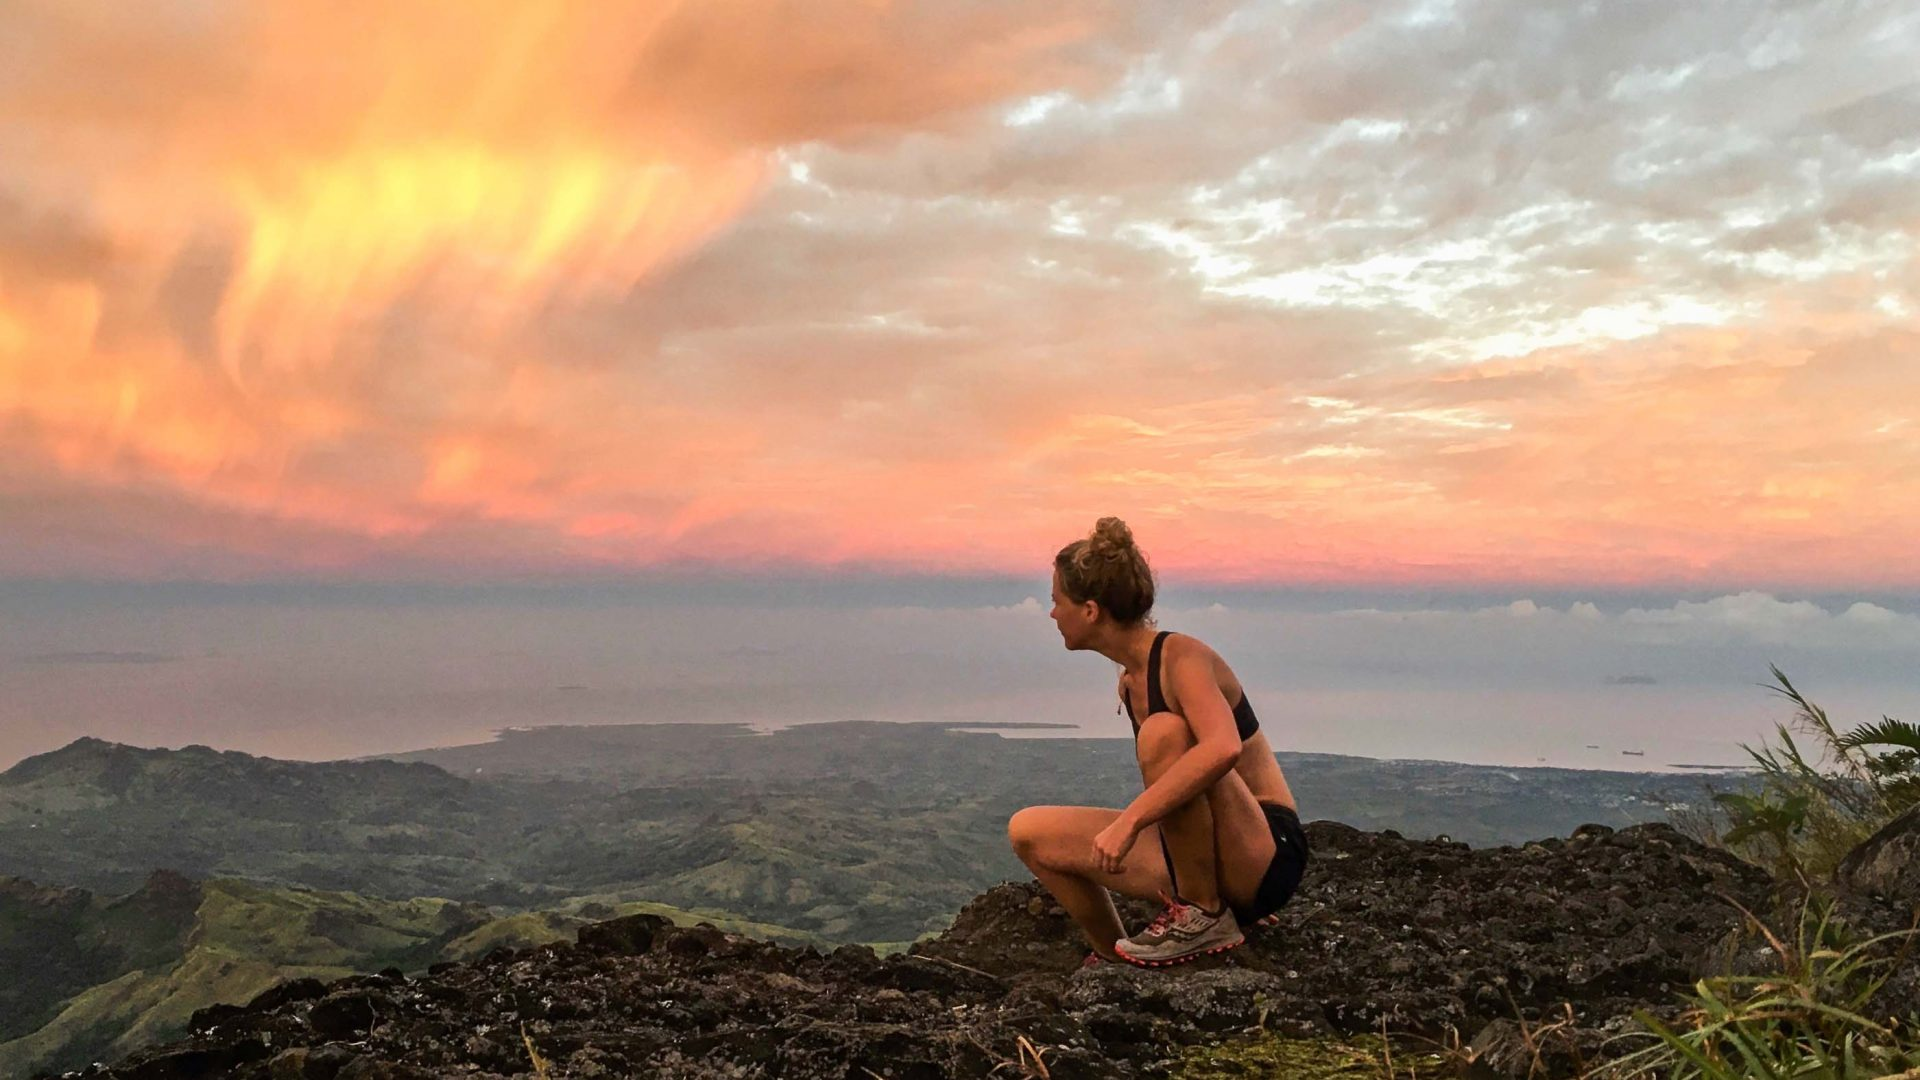 Sadie looks out at an orange sunset.